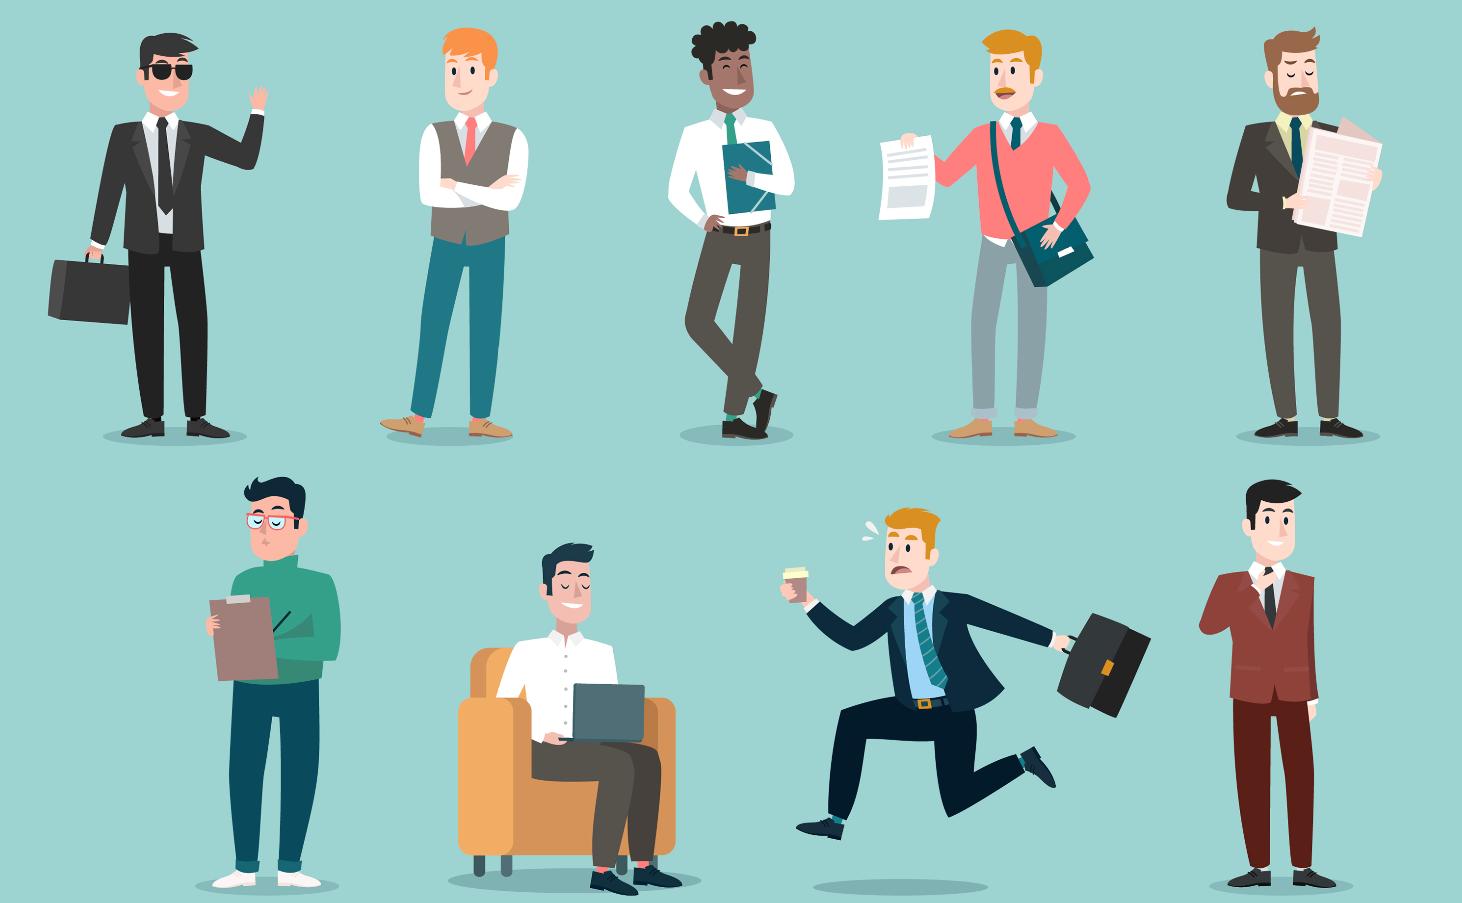 【副業解禁企業は5割】 企業で働く会社員と企業側で生まれるギャップ